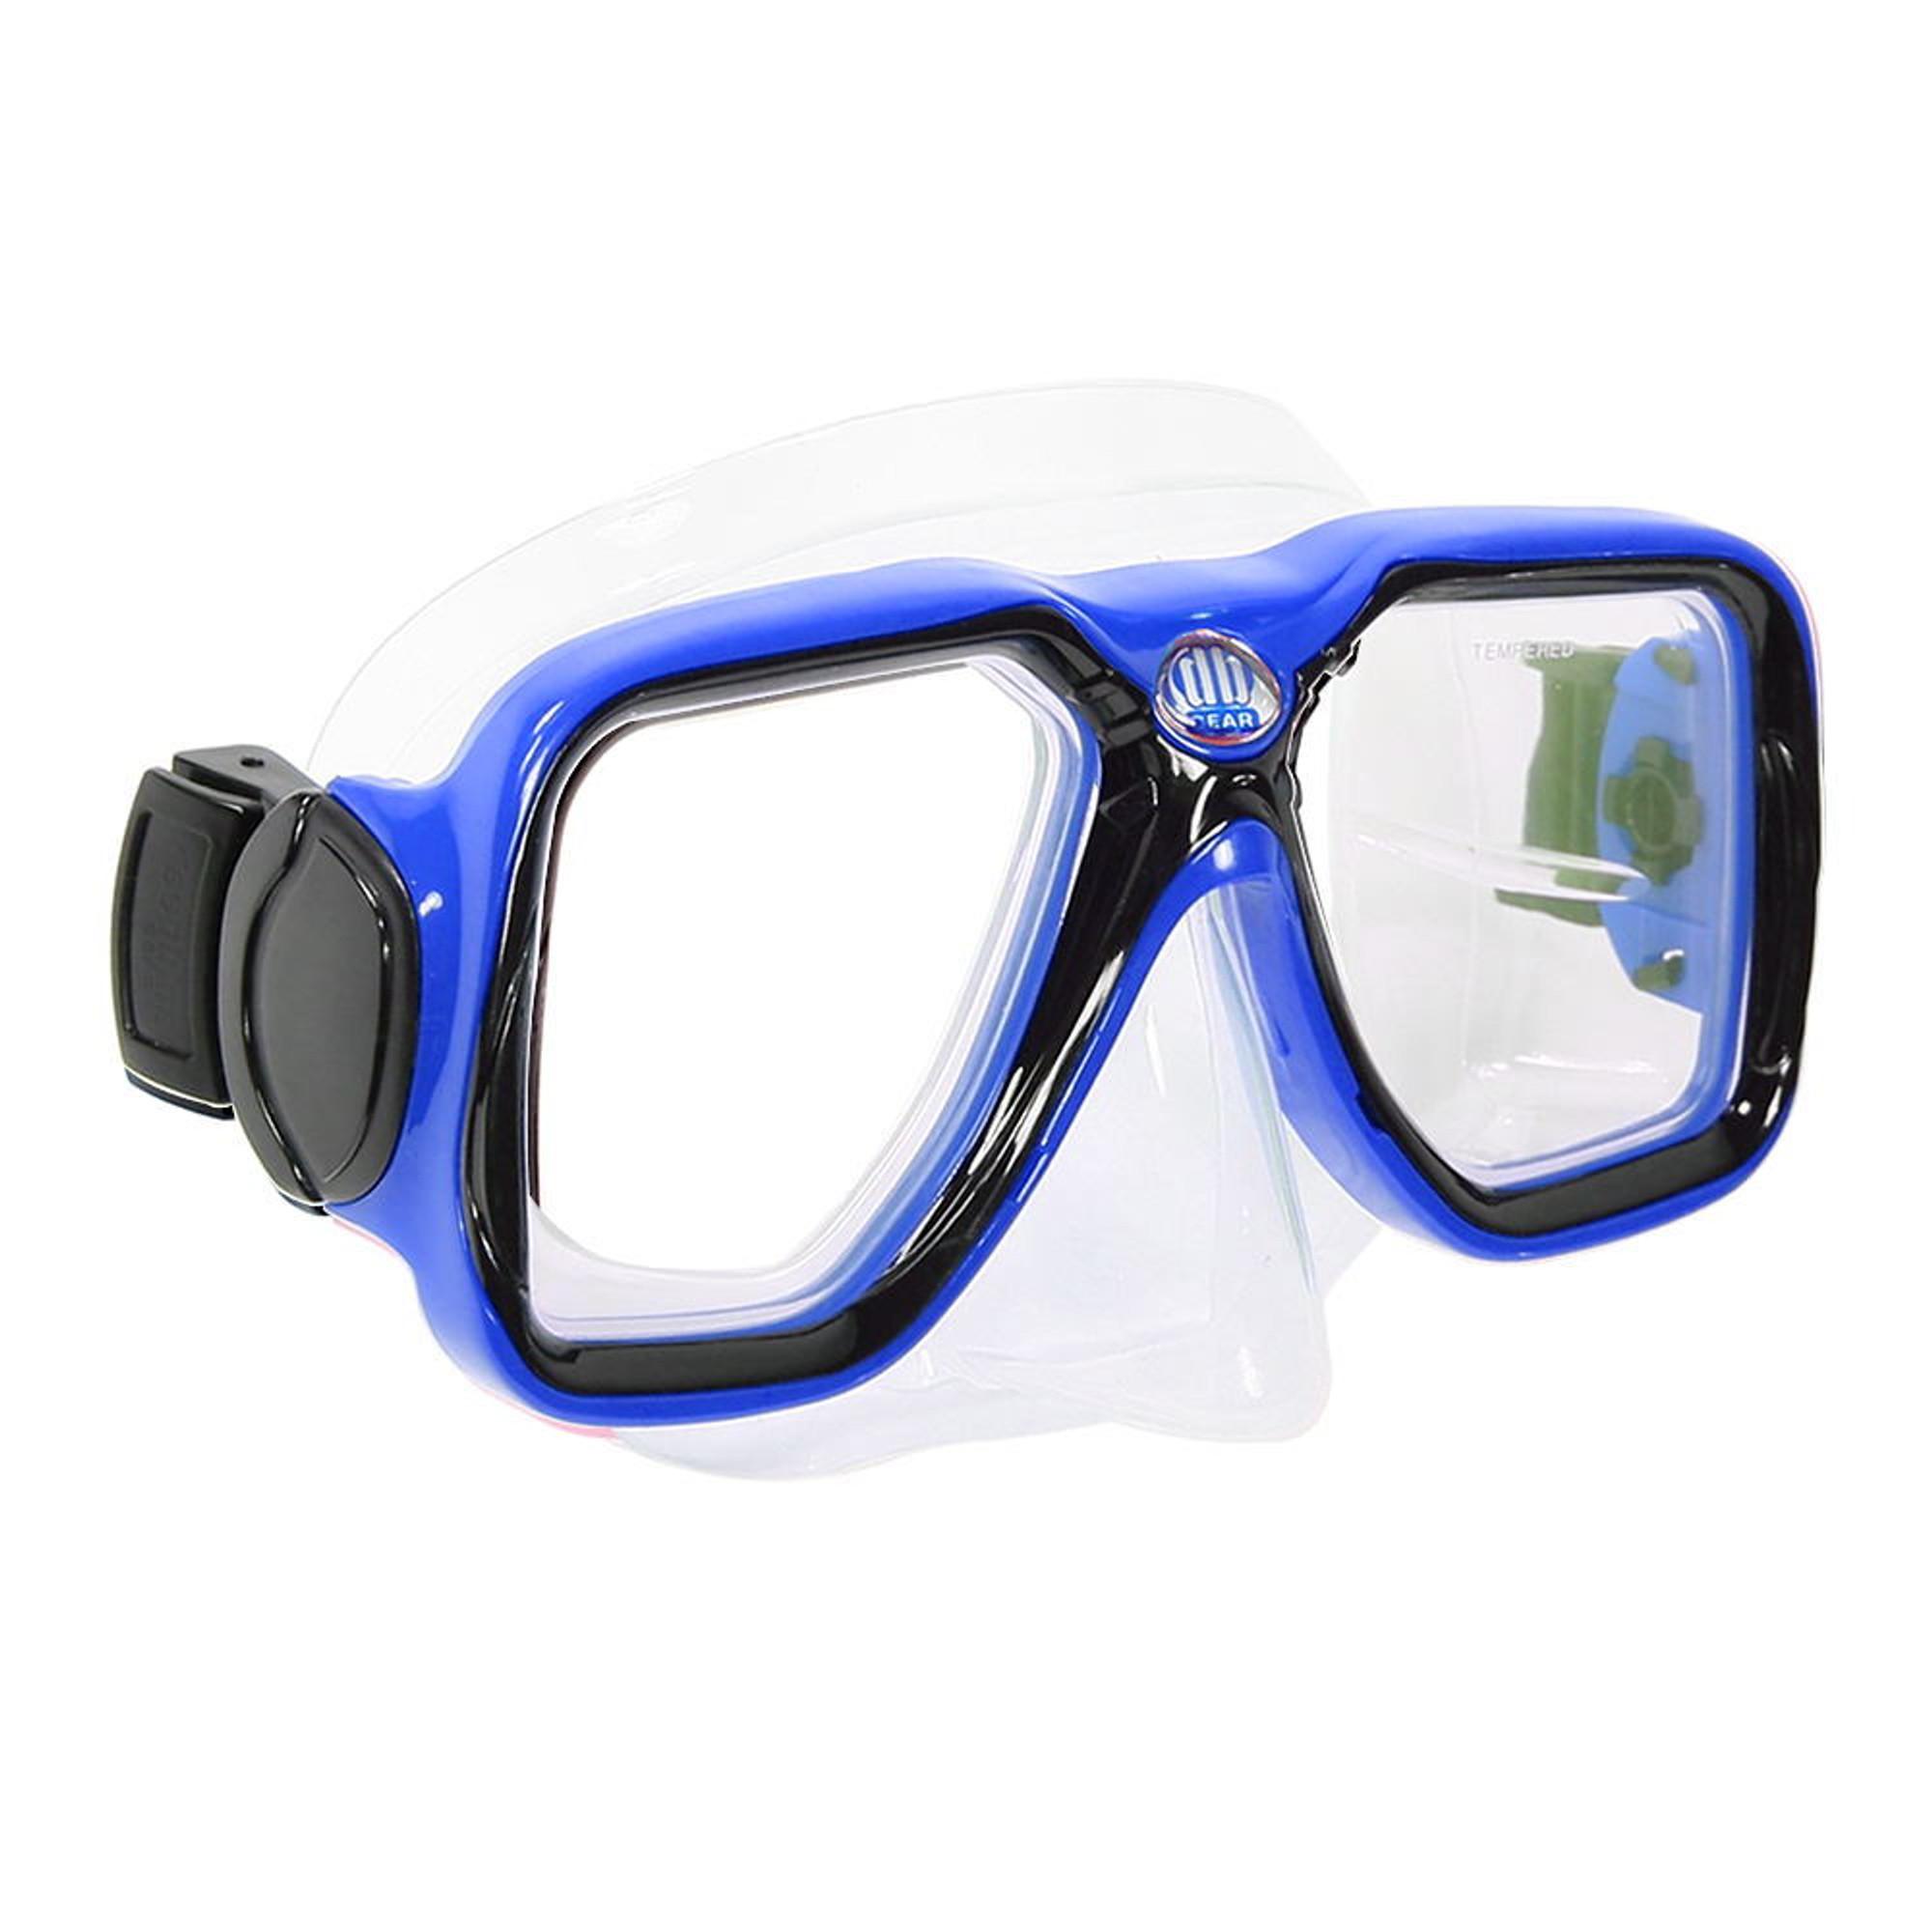 Maui - Diving/Snorkeling Mask